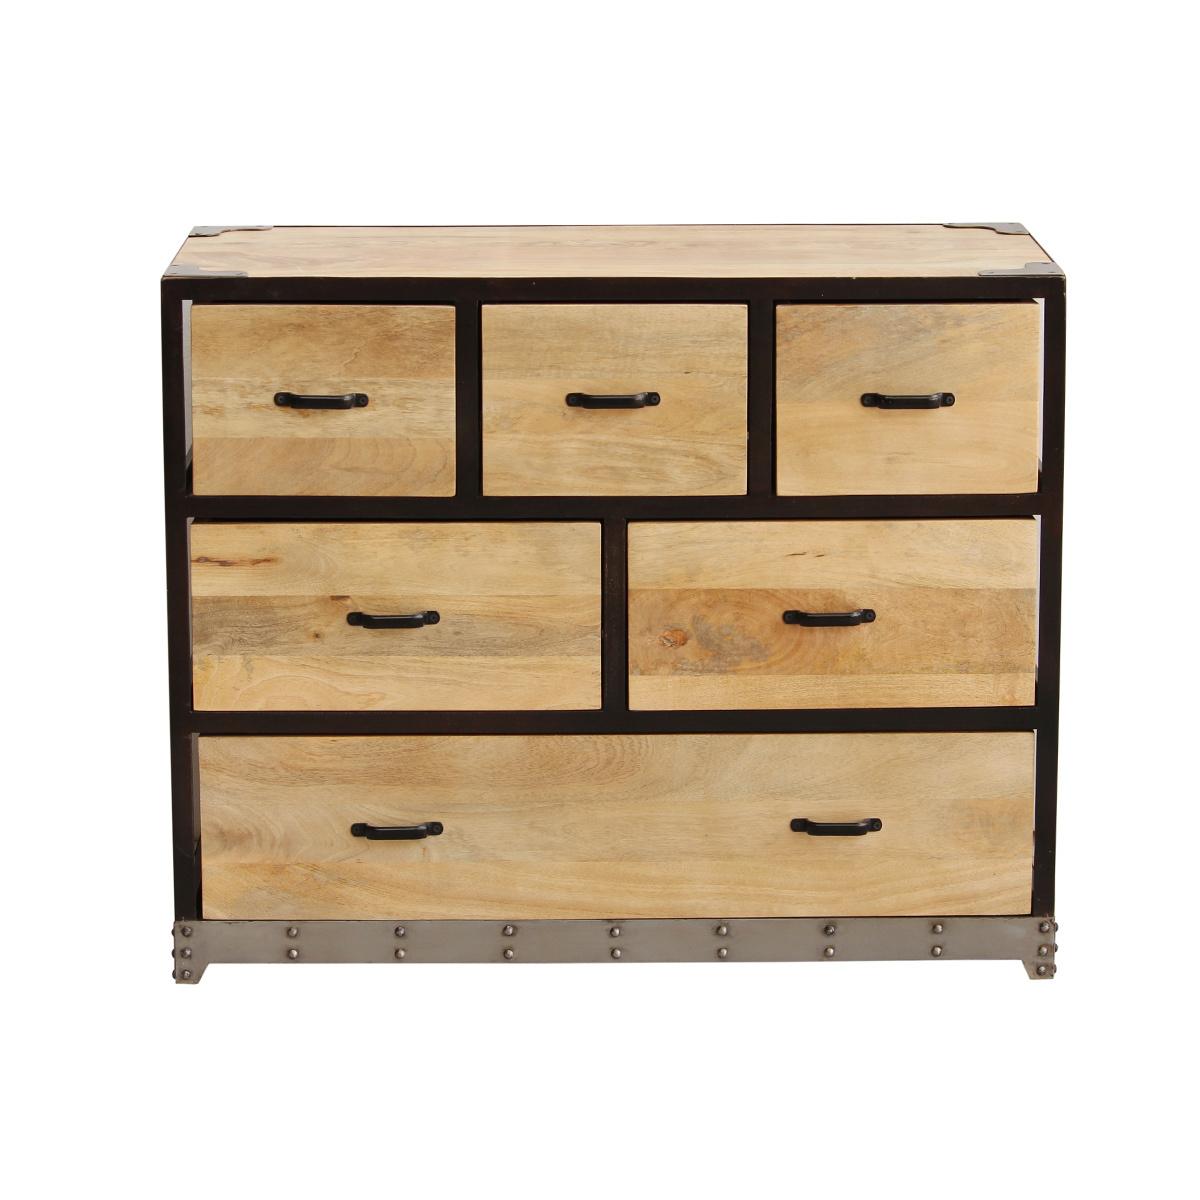 Cassettiera industriale legno massiccio INDUSTRIA